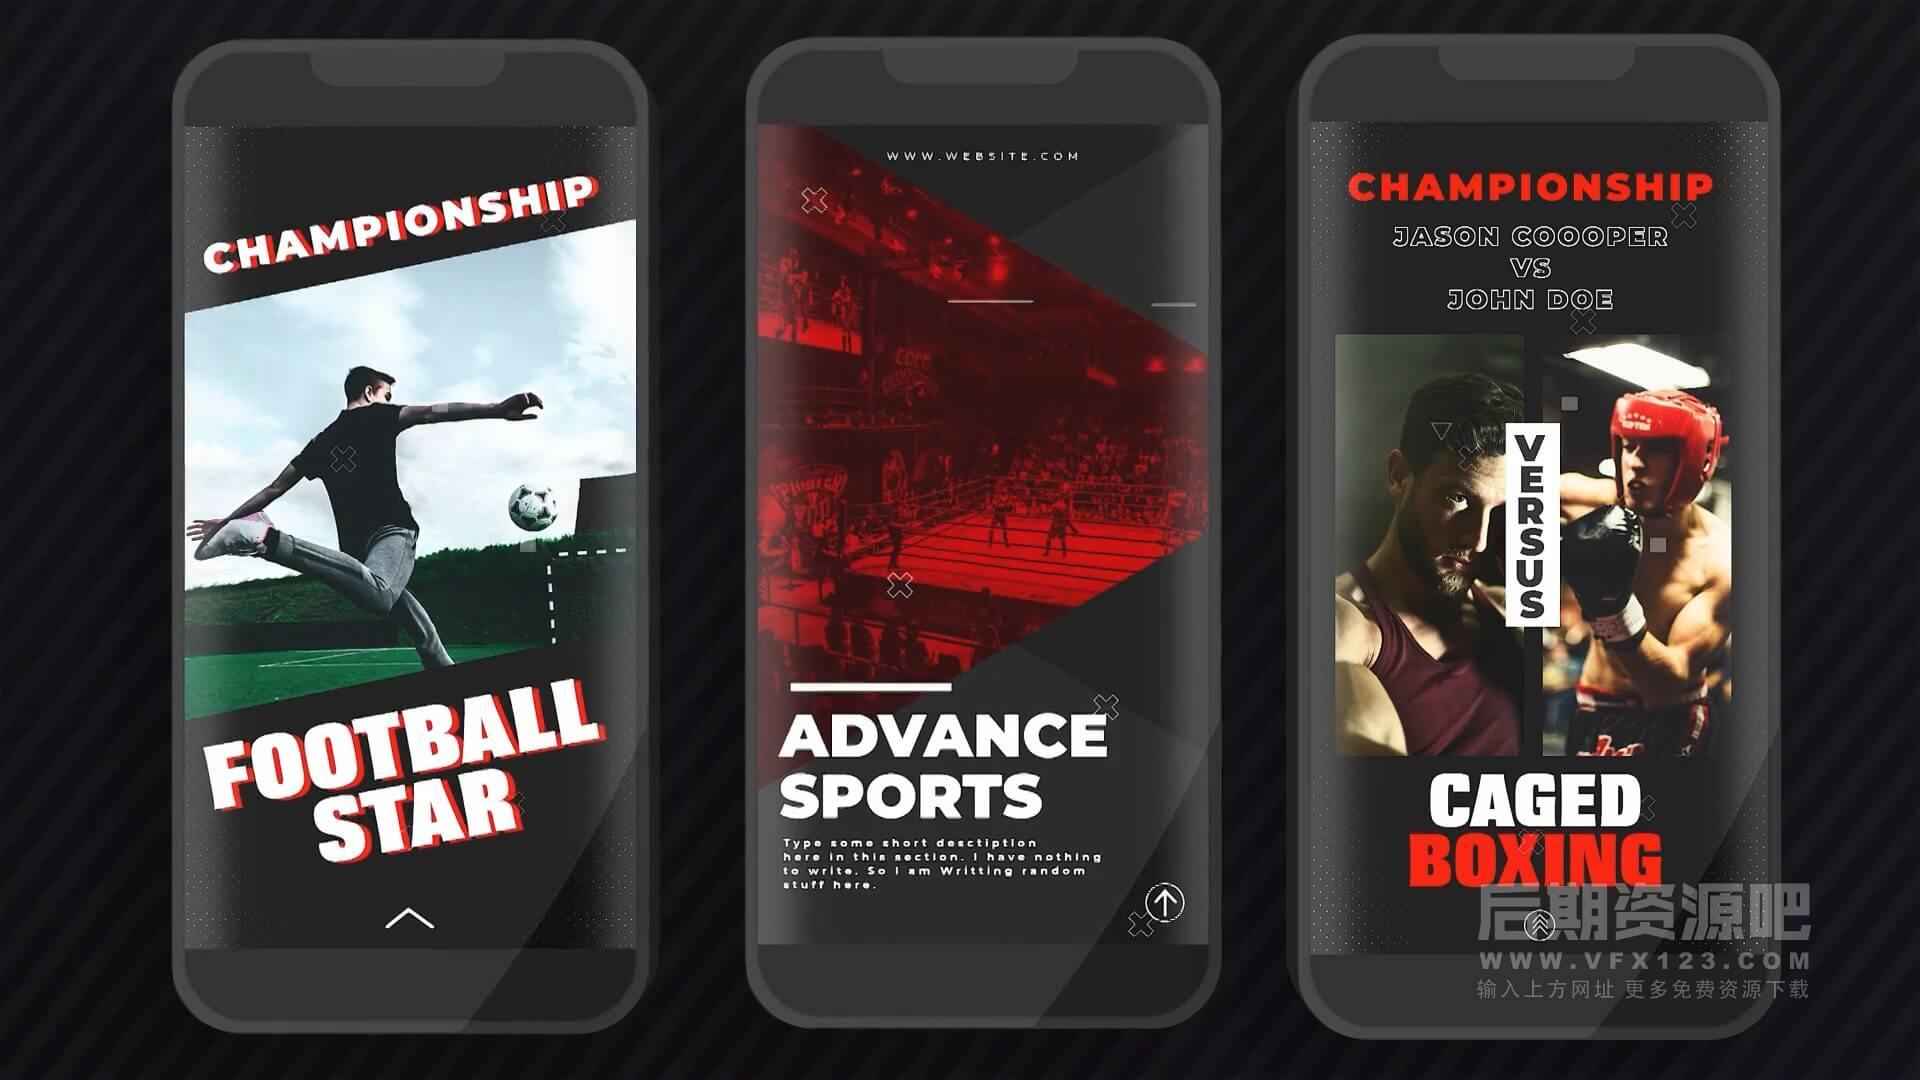 fcpx插件 25组适用手机竖屏体育竞技类标题排版预设 Sports Instagram Stories